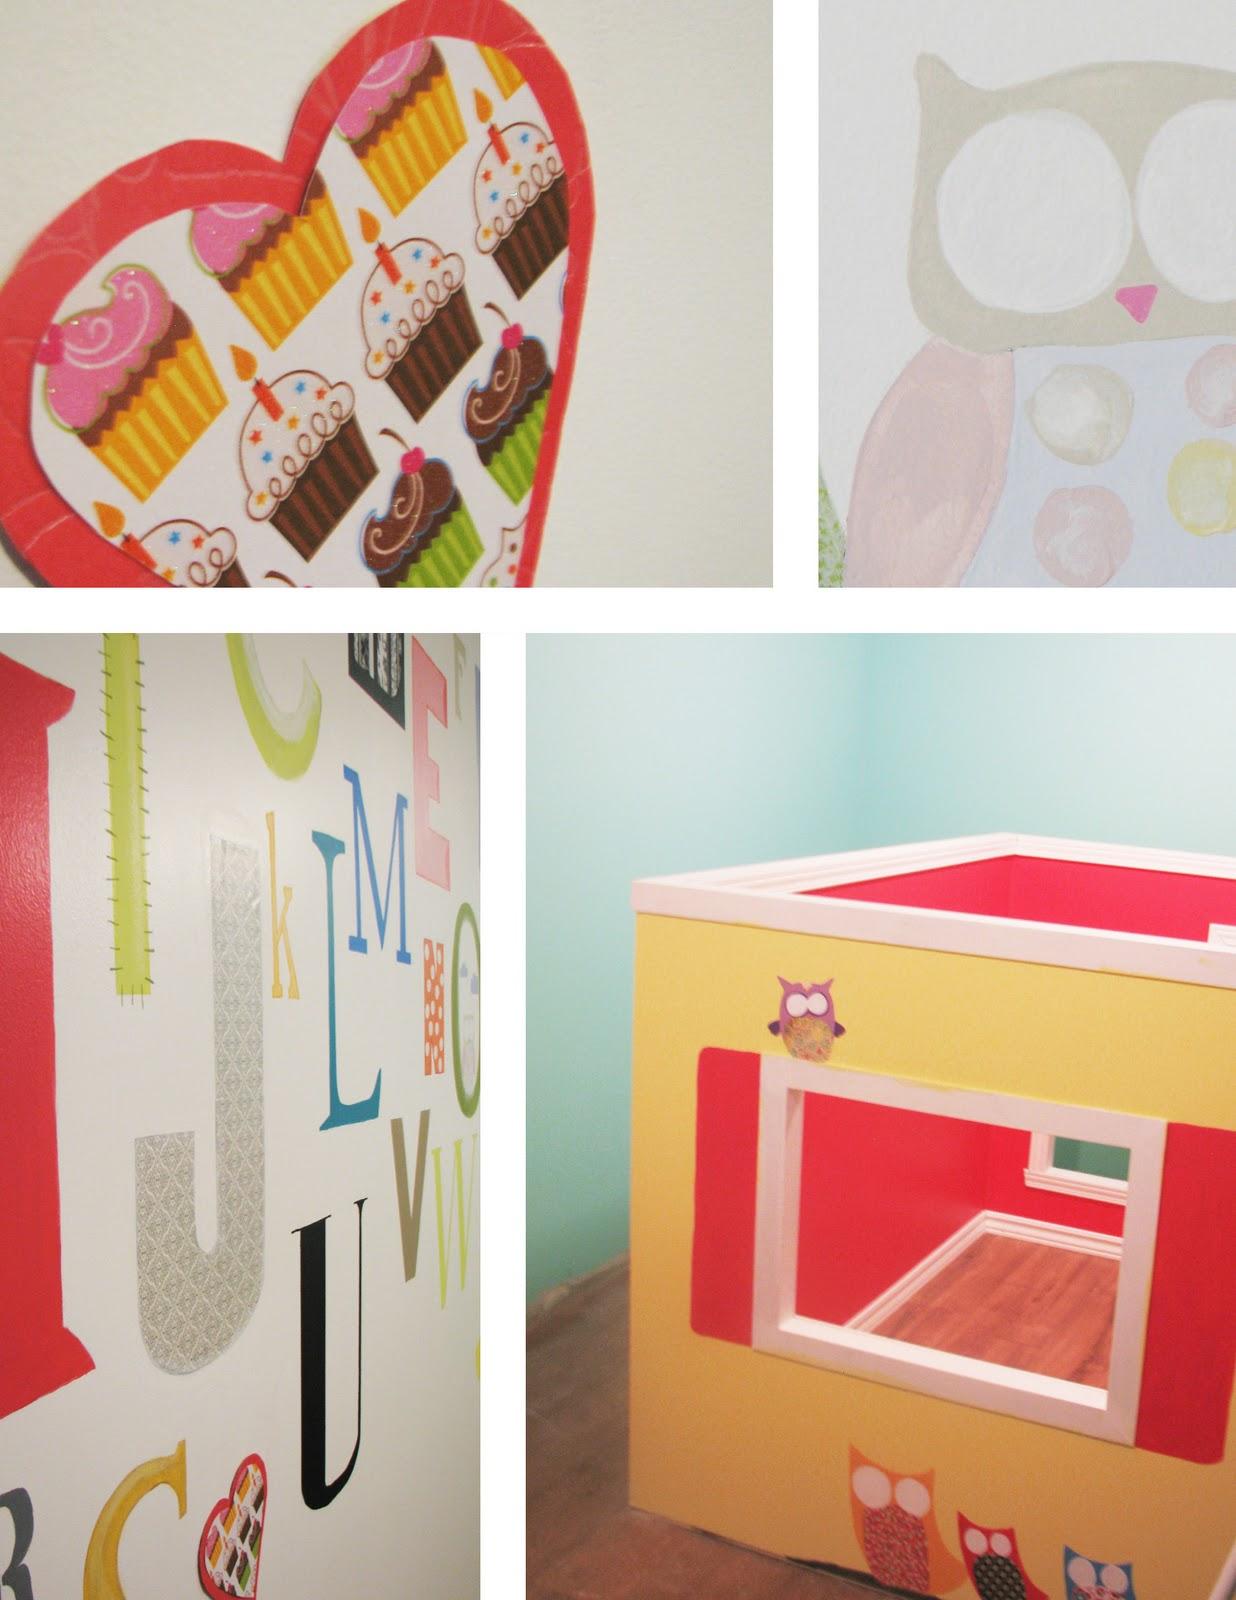 papier peint pour salle de jeux papier peint du fun pour la chambre des enfants